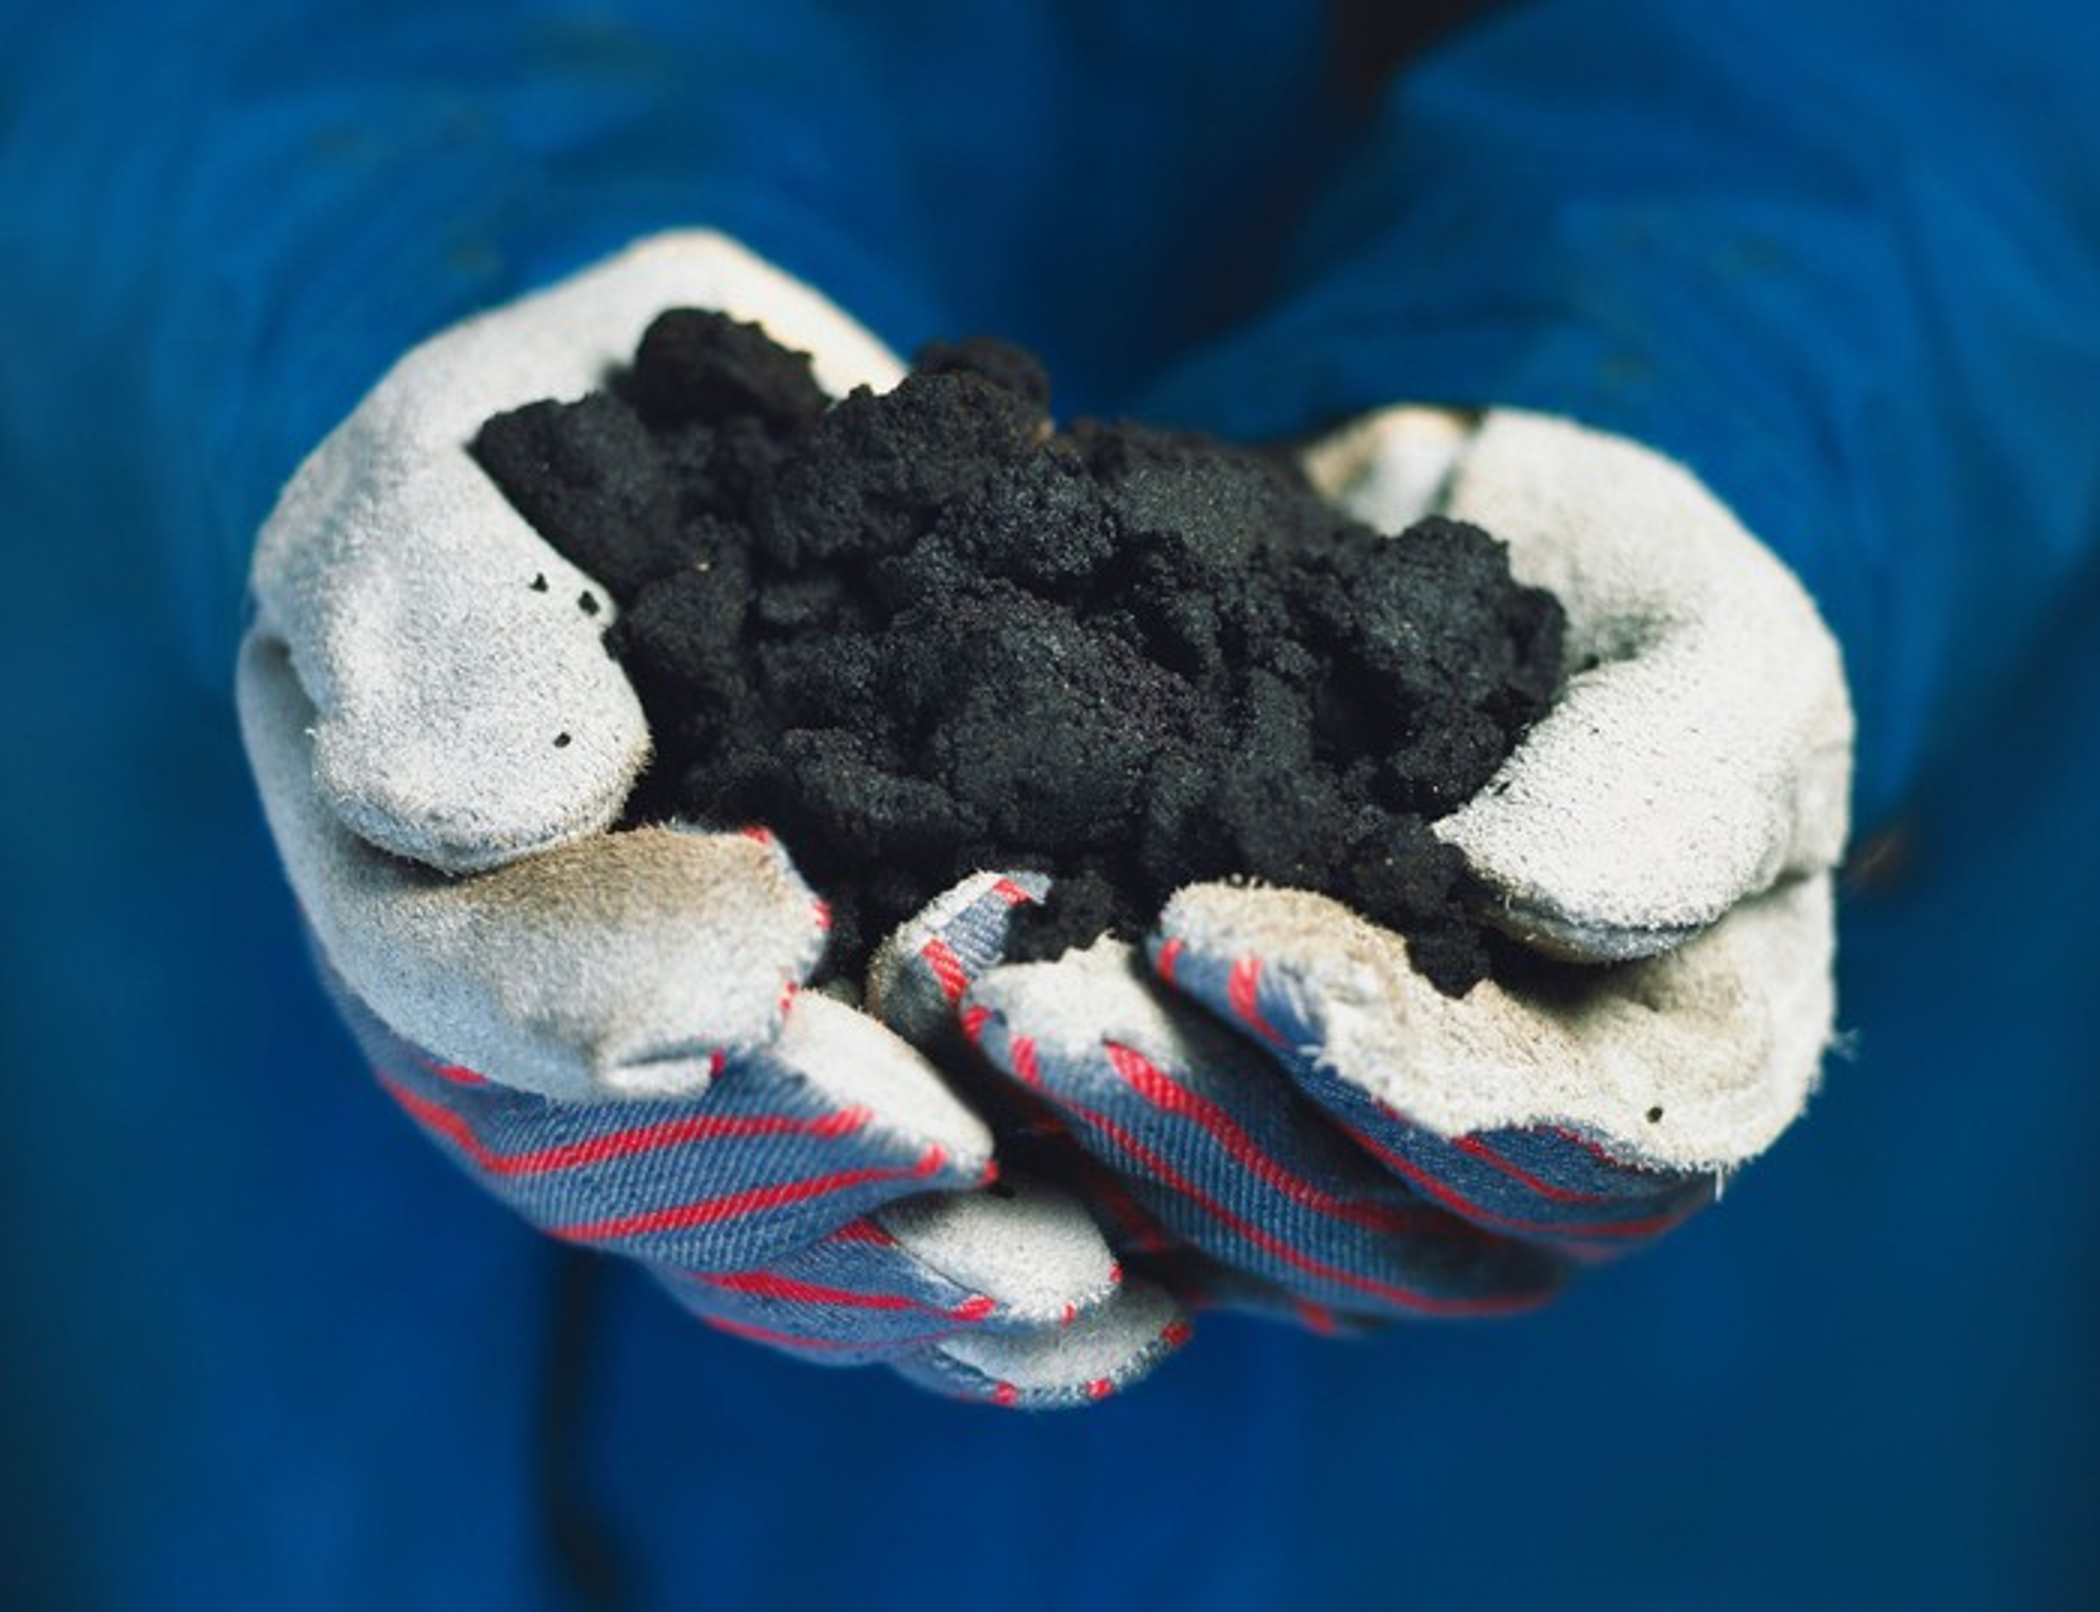 Bitumen held by white gloves.